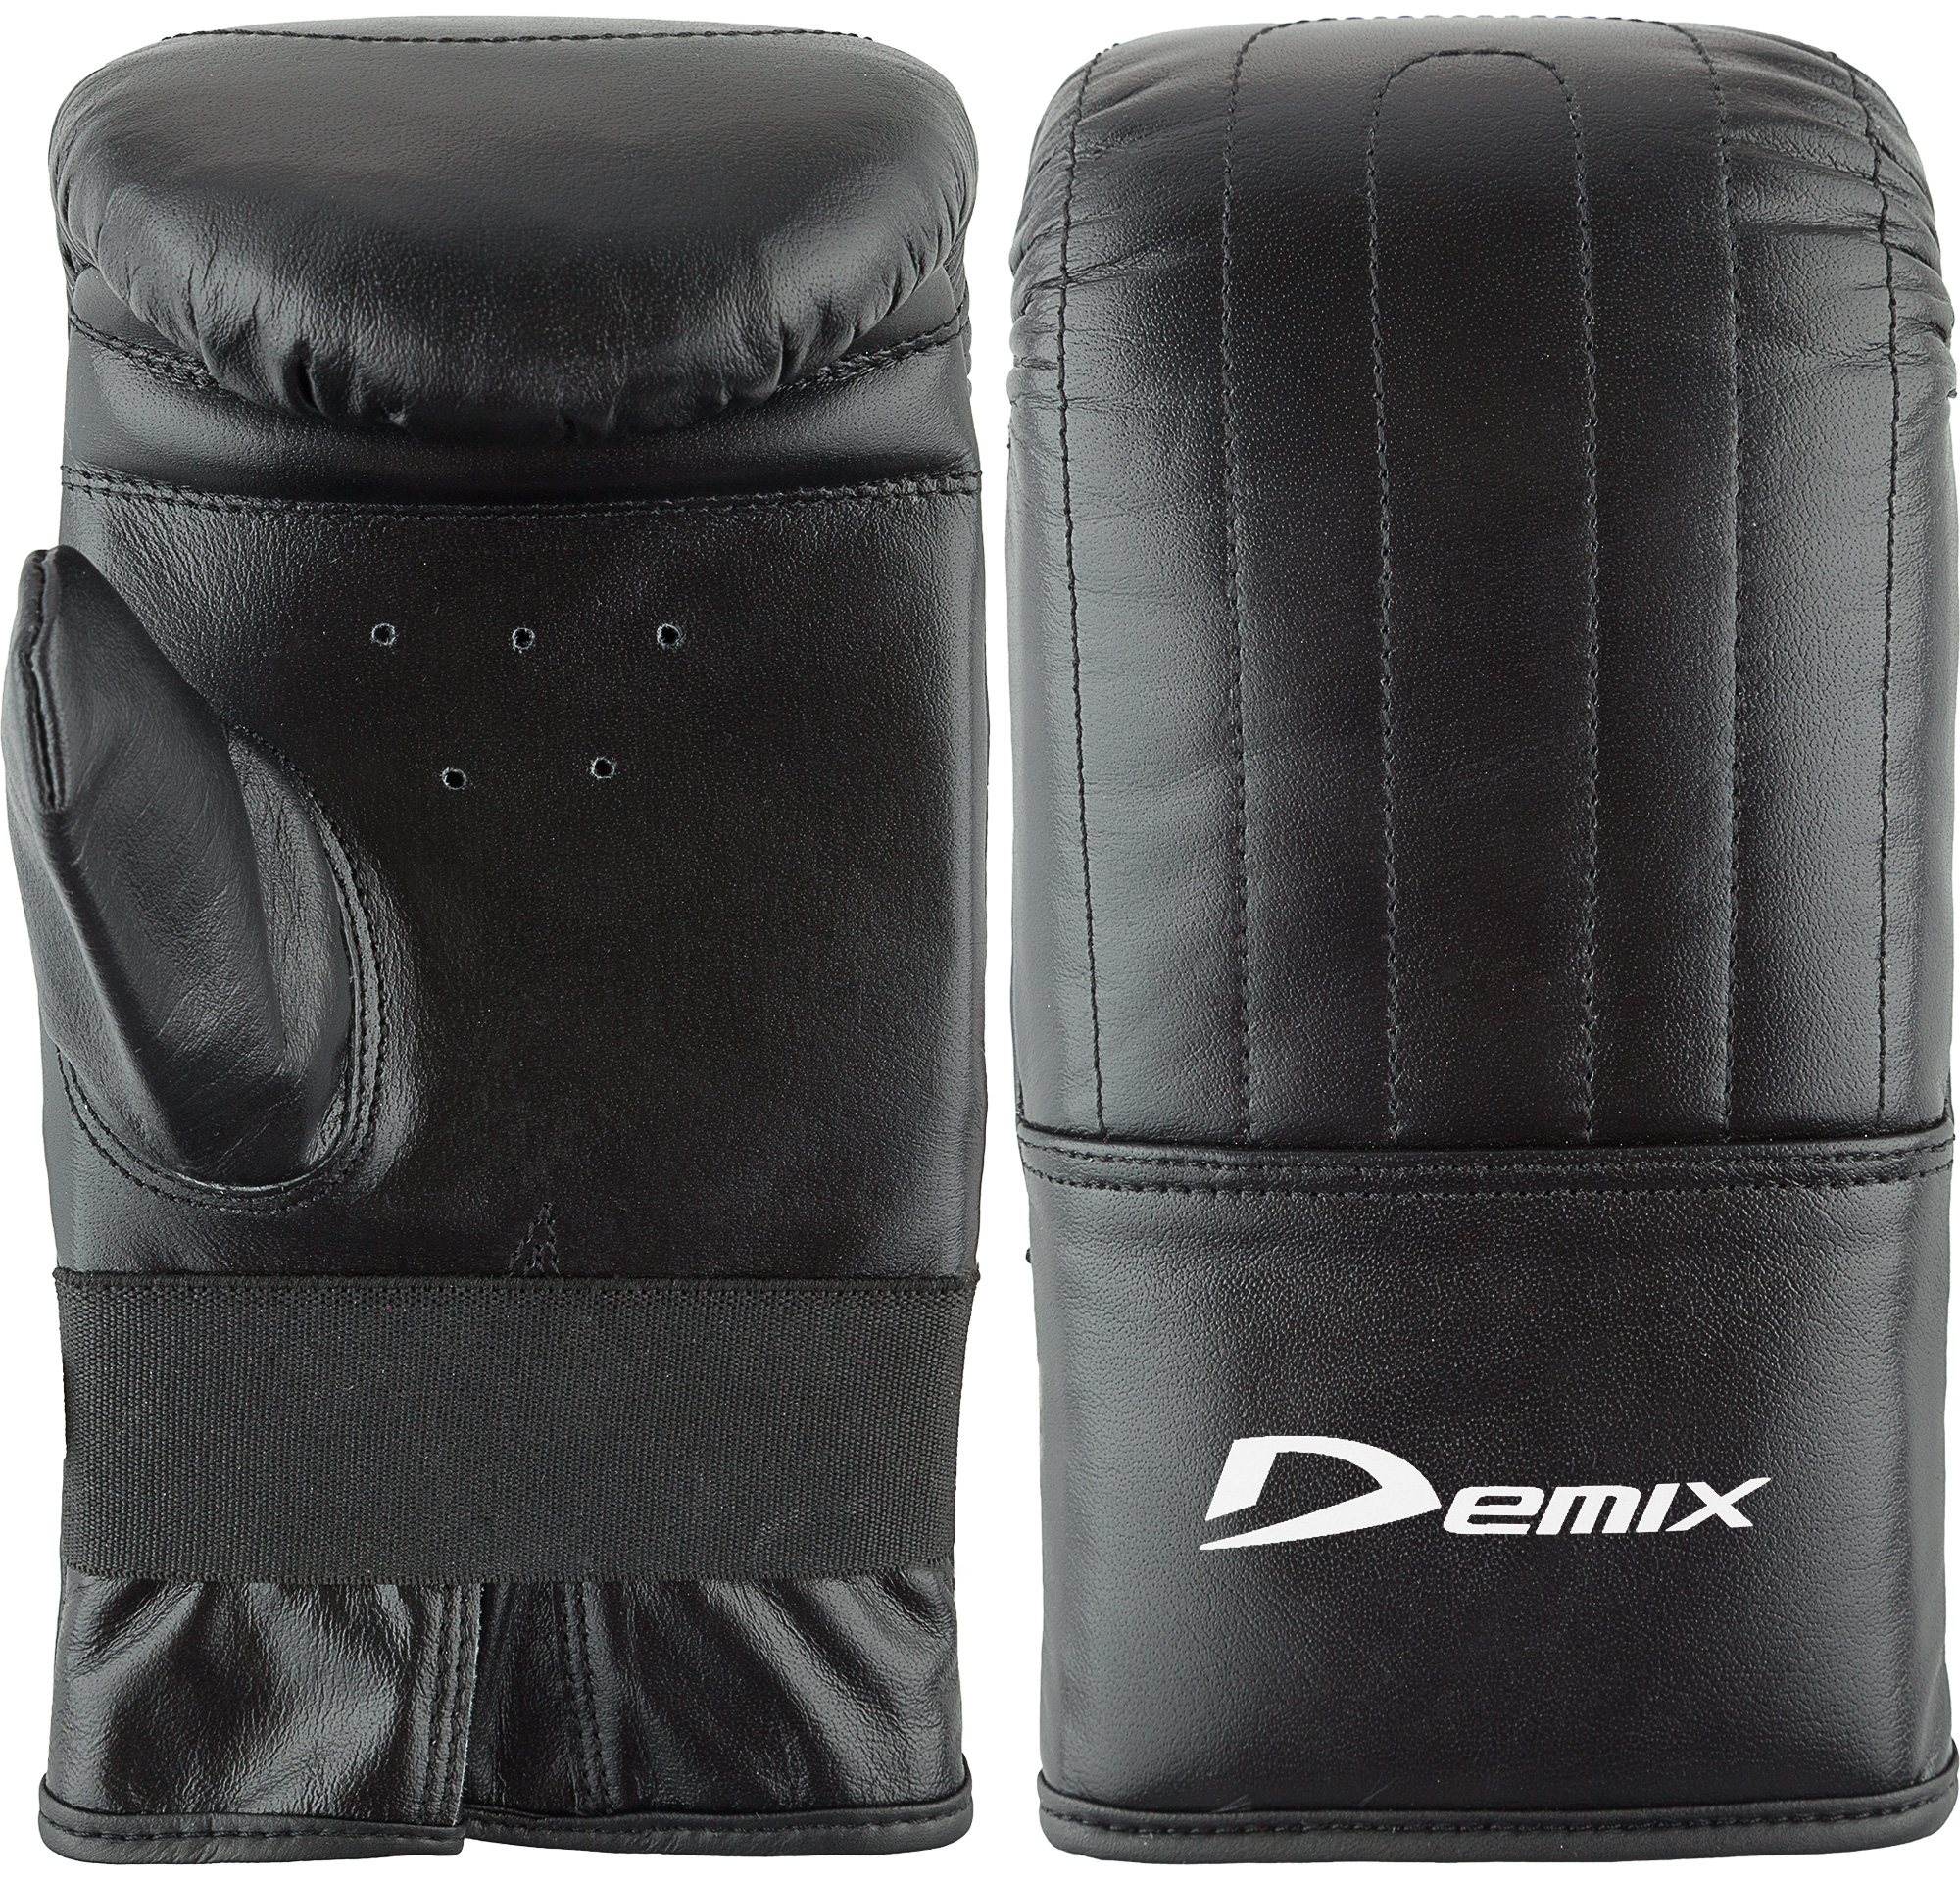 Demix Перчатки снарядные Demix перчатки снарядные atemi цвет черный красный размер l pbm 439